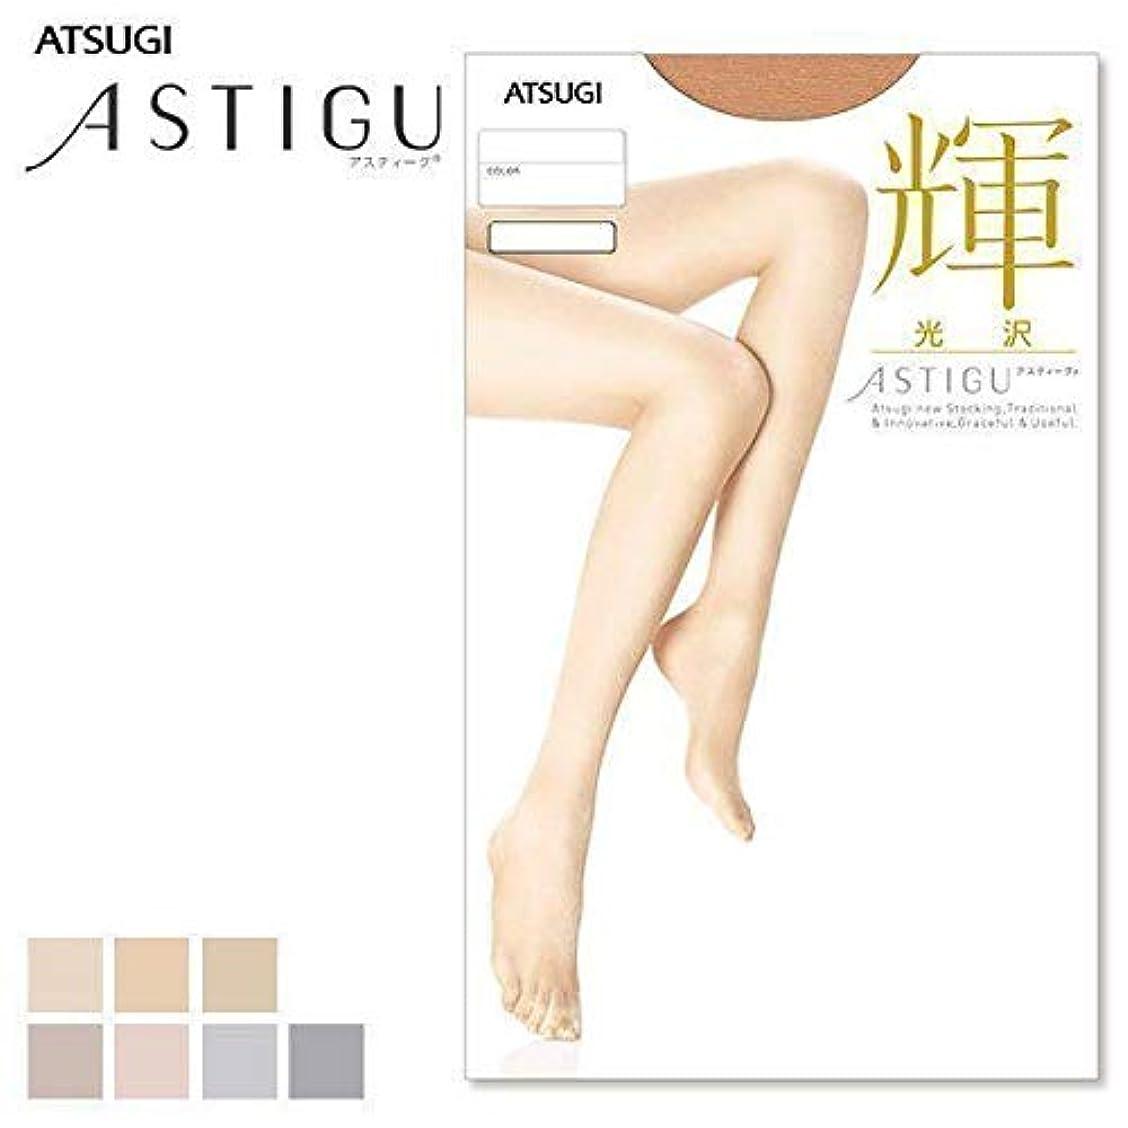 村リクルート調整するアツギ アスティーグ ASTIGU 【輝】光沢 (アツギパンスト?サポートパンティストッキング) FP5034